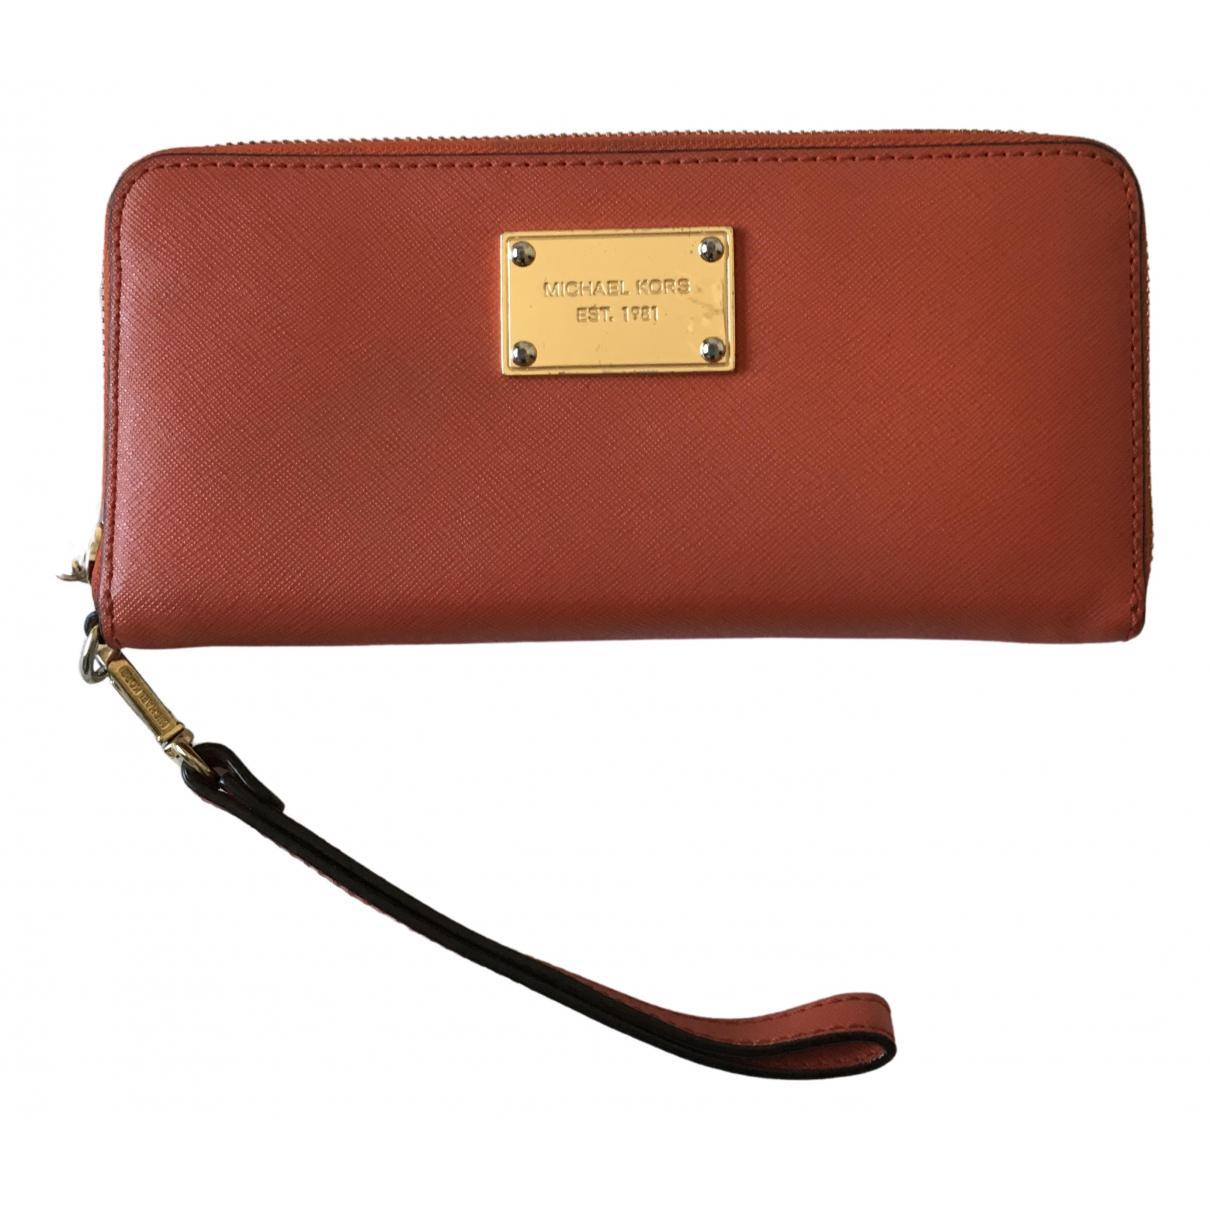 Michael Kors \N Orange Leather wallet for Women \N